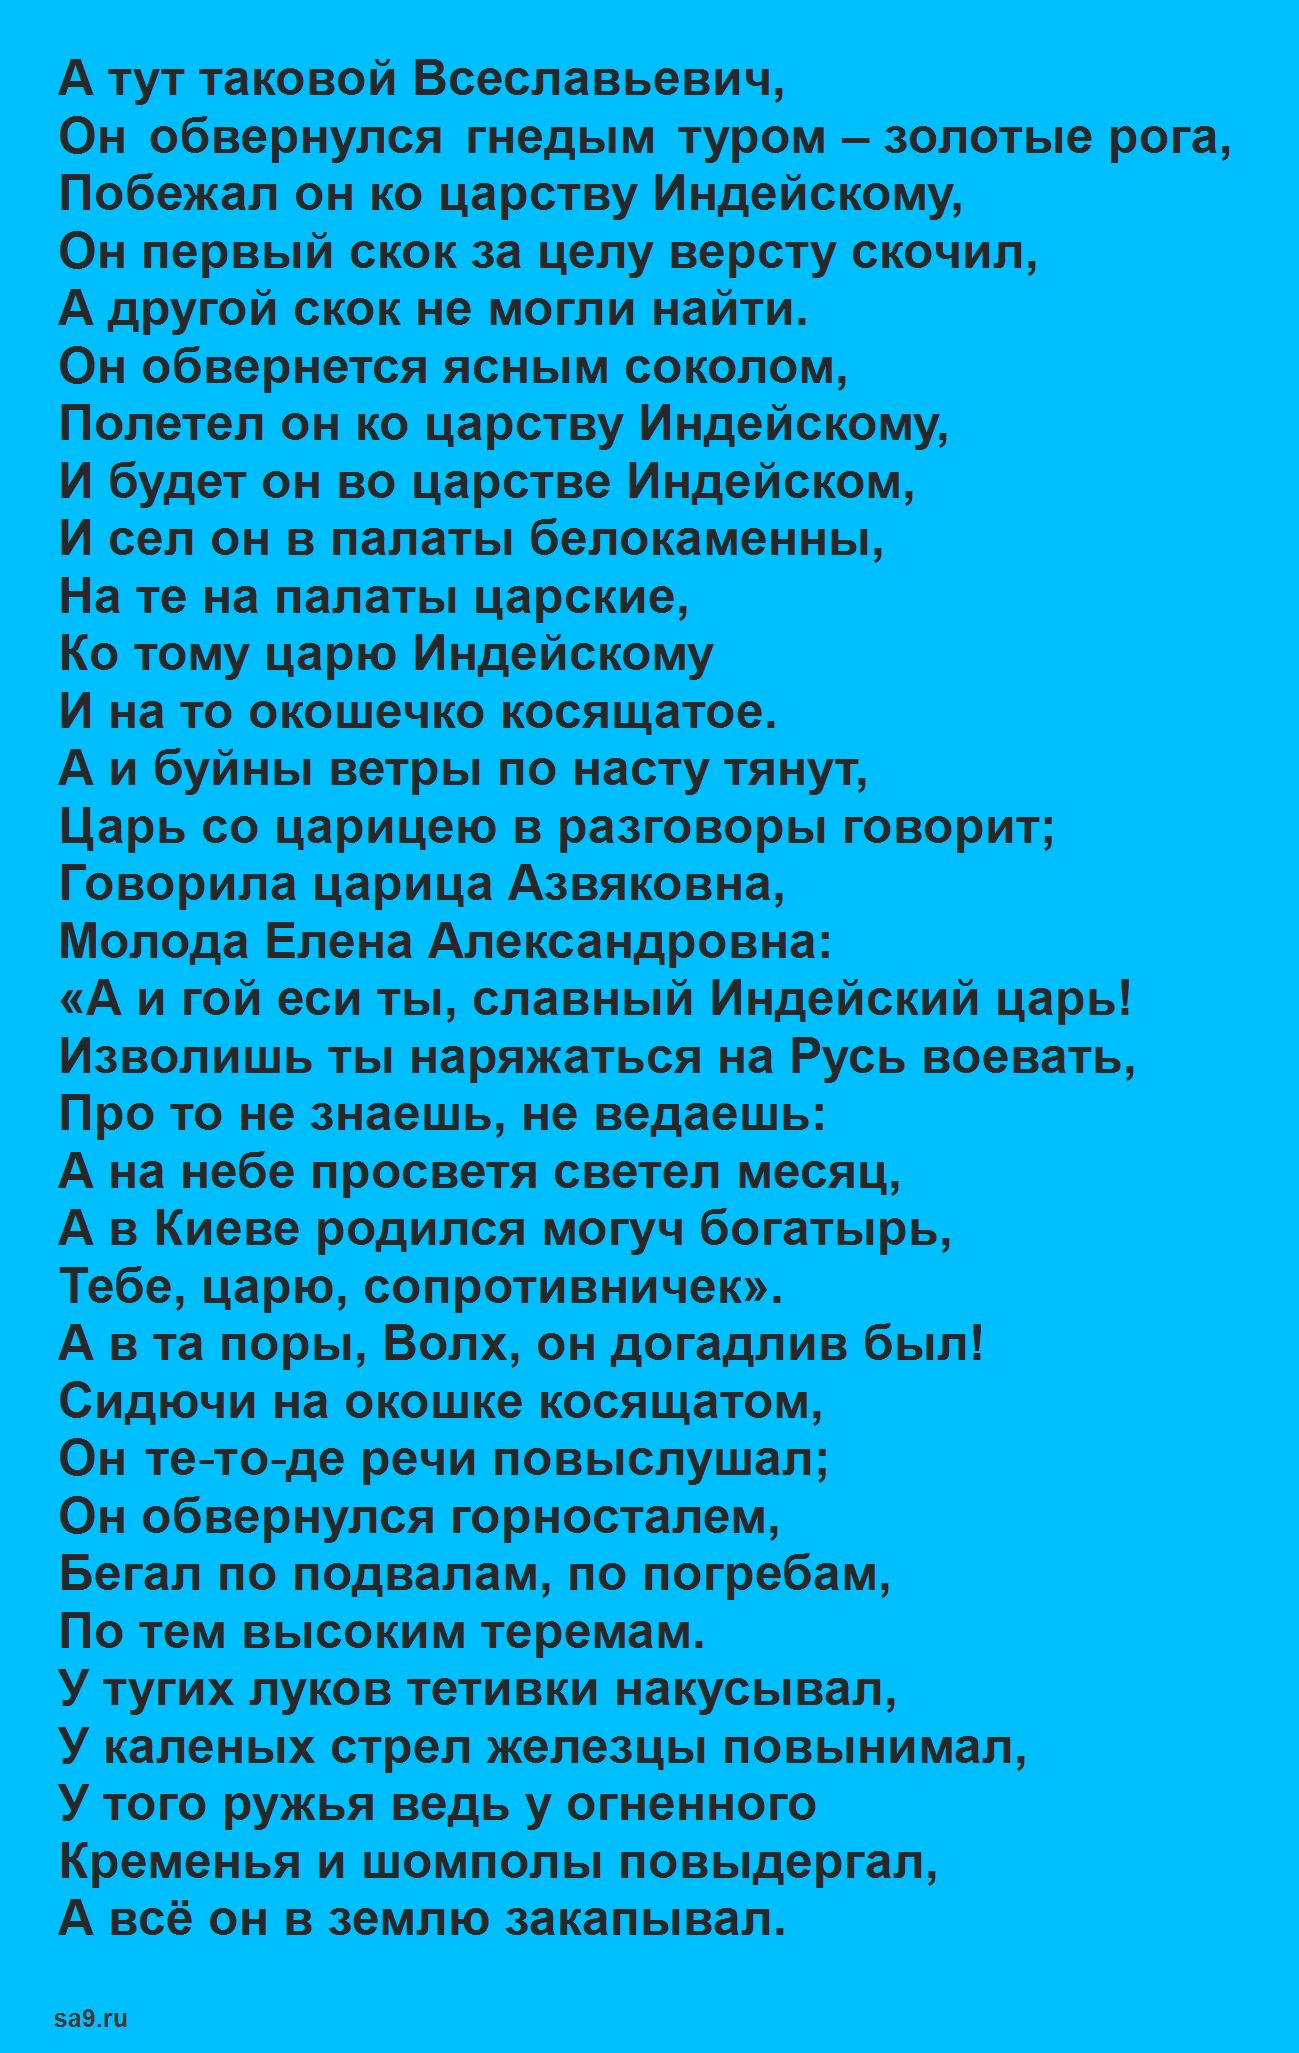 Читать русскую народную былину - Волх Всеславьевич